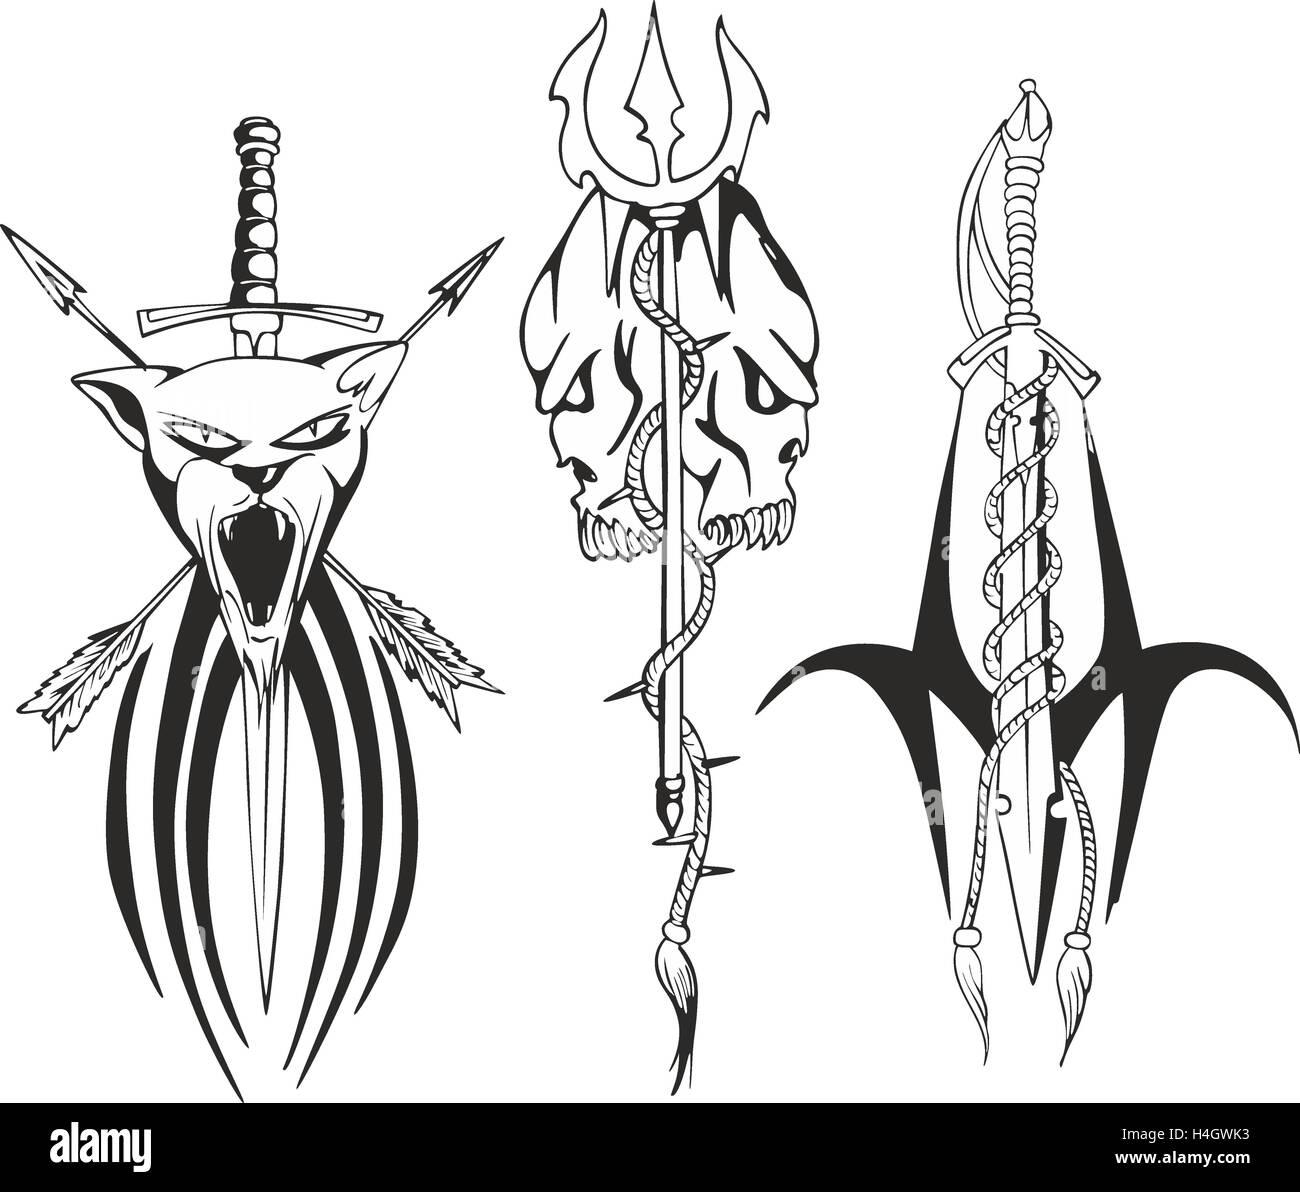 Juego De Fantasía Tribales Bocetos Con Cabeza De Pantera Cráneos Y